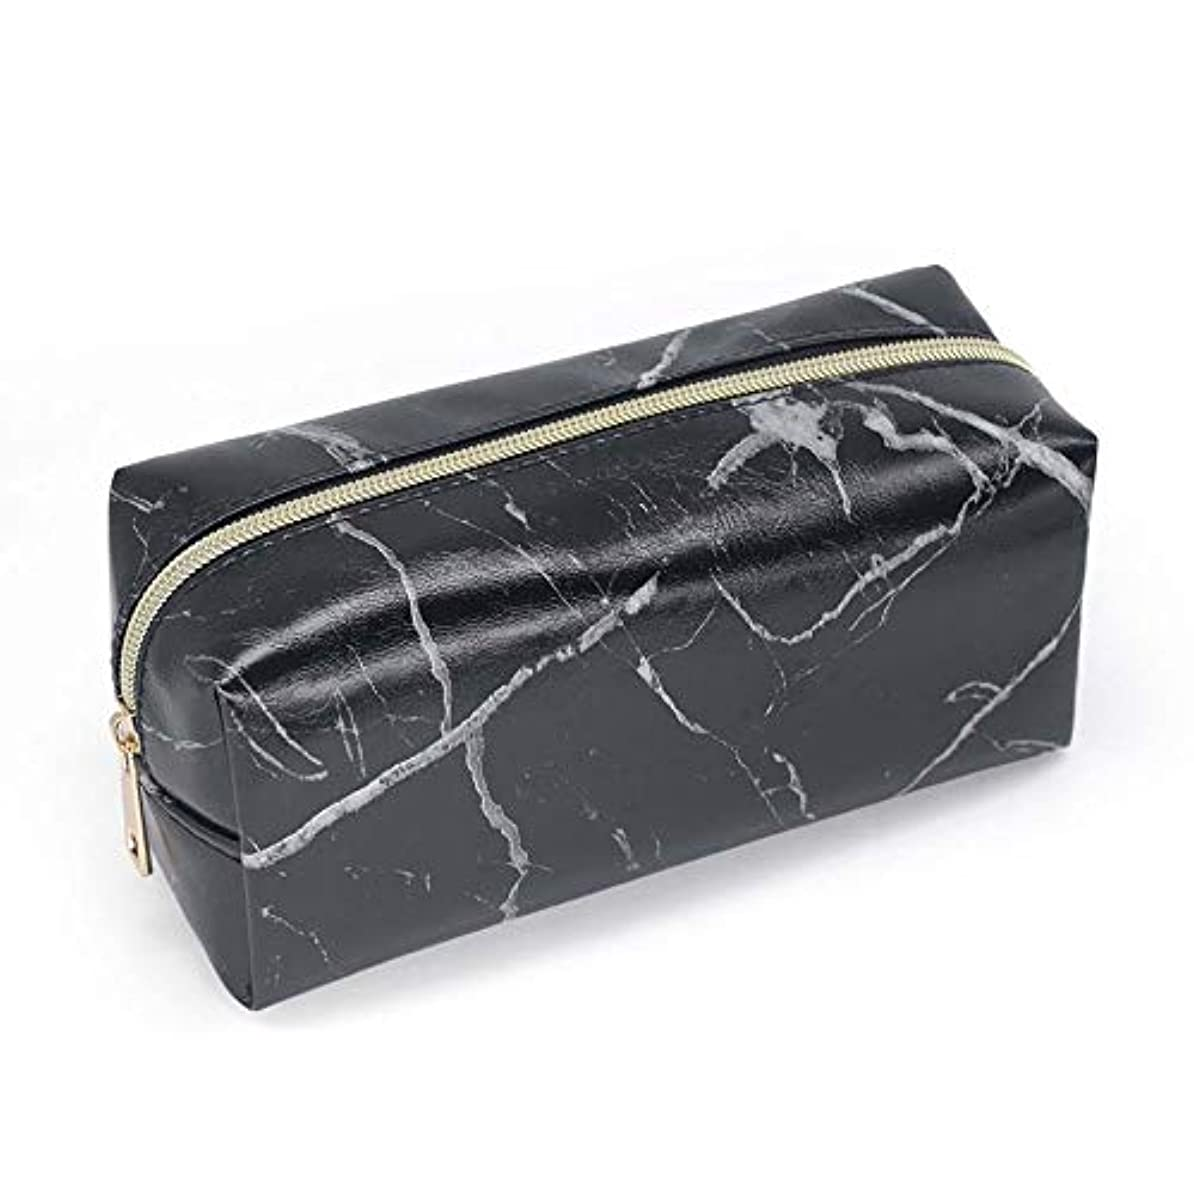 飛び込むかもしれない塩辛いTivivose 収納ケース メイクポーチ 大理石柄 大容量 化粧ポーチ コスメバッグ コスメポーチ メイクポーチ シンプル おしゃれ かわいい 化粧品 収納 雑貨 小物入れ